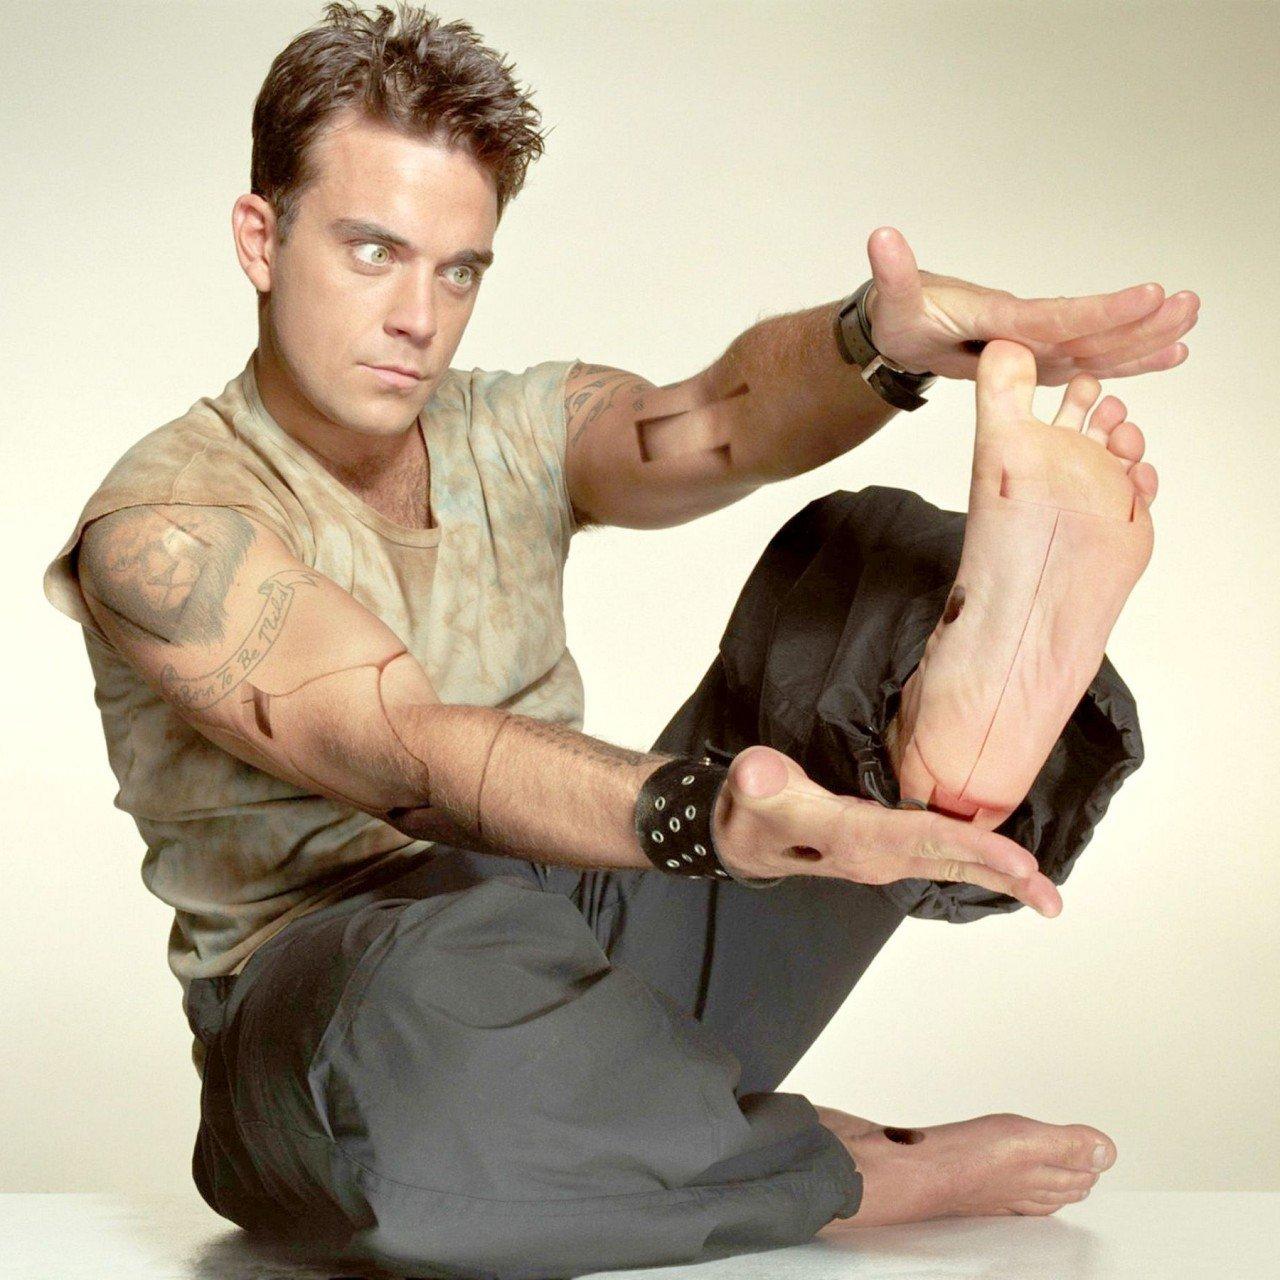 c9a9567ff597 Robbie Williams è un tipico esempio di uomo a mattone!